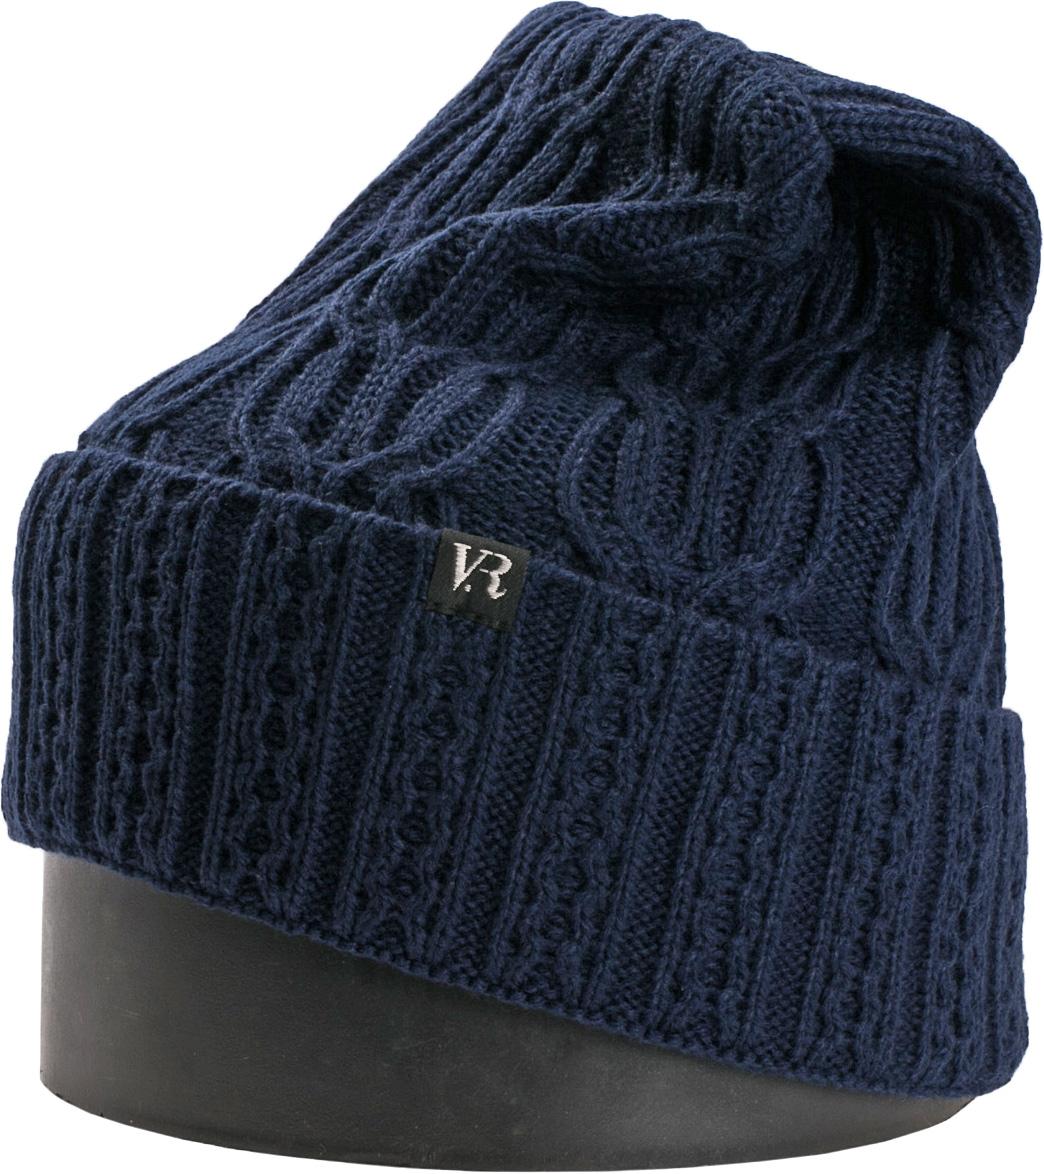 Шапка женская Vittorio Richi, цвет: синий. NSH900199. Размер 56/58NSH900199Стильная женская шапка Vittorio Richi отлично дополнит ваш образ в холодную погоду. Модель, изготовленная из шерсти с добавлением акрила, максимально сохраняет тепло и обеспечивает удобную посадку. Шапка дополнена ажурной вязкой и сбоку фирменной нашивкой. Привлекательная стильная шапка подчеркнет ваш неповторимый стиль и индивидуальность.